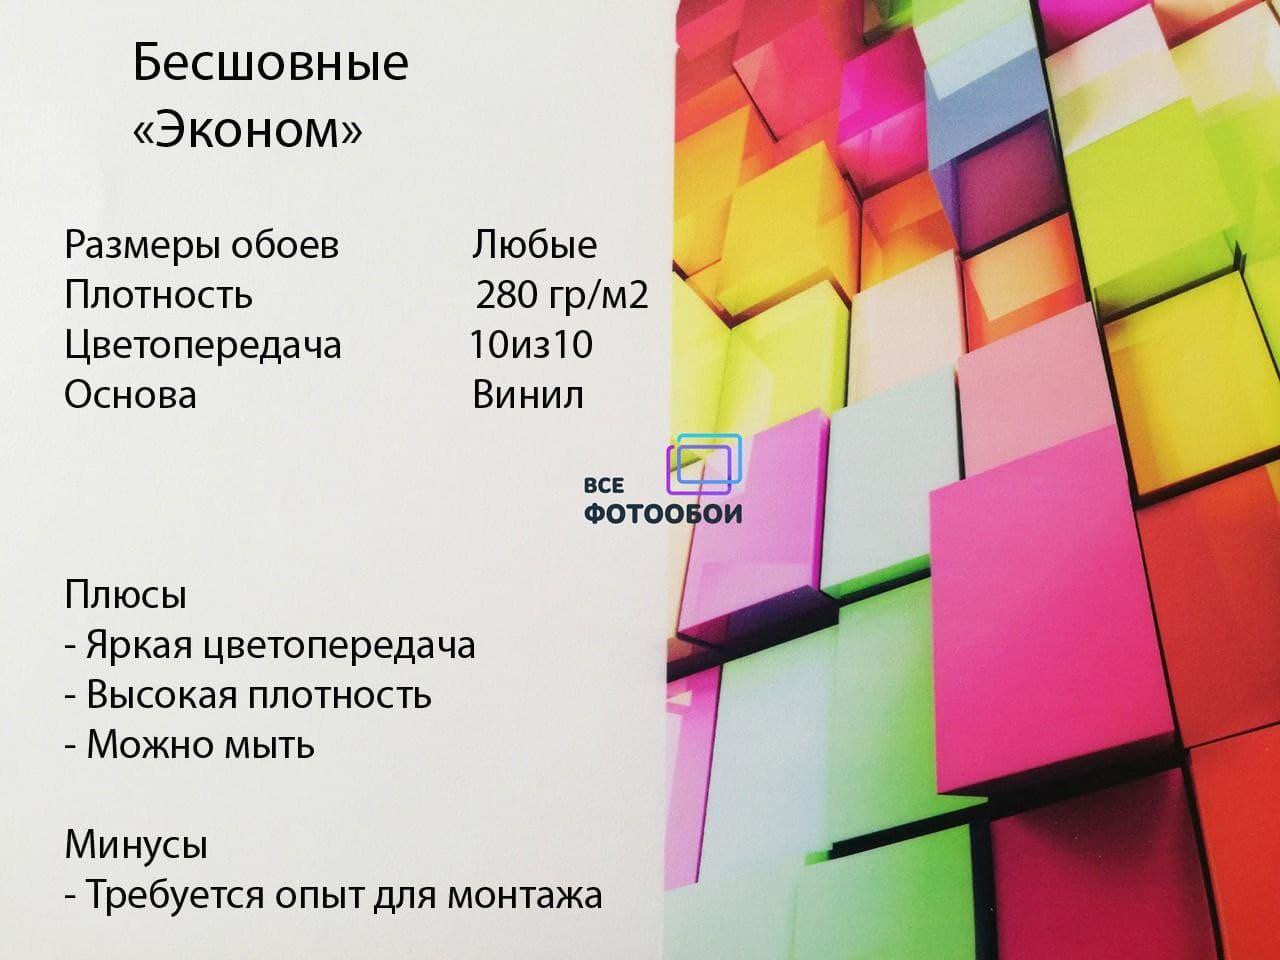 Бесшовные «Эконом» АКЦИЯ 690р/м2 вместо 1190р!